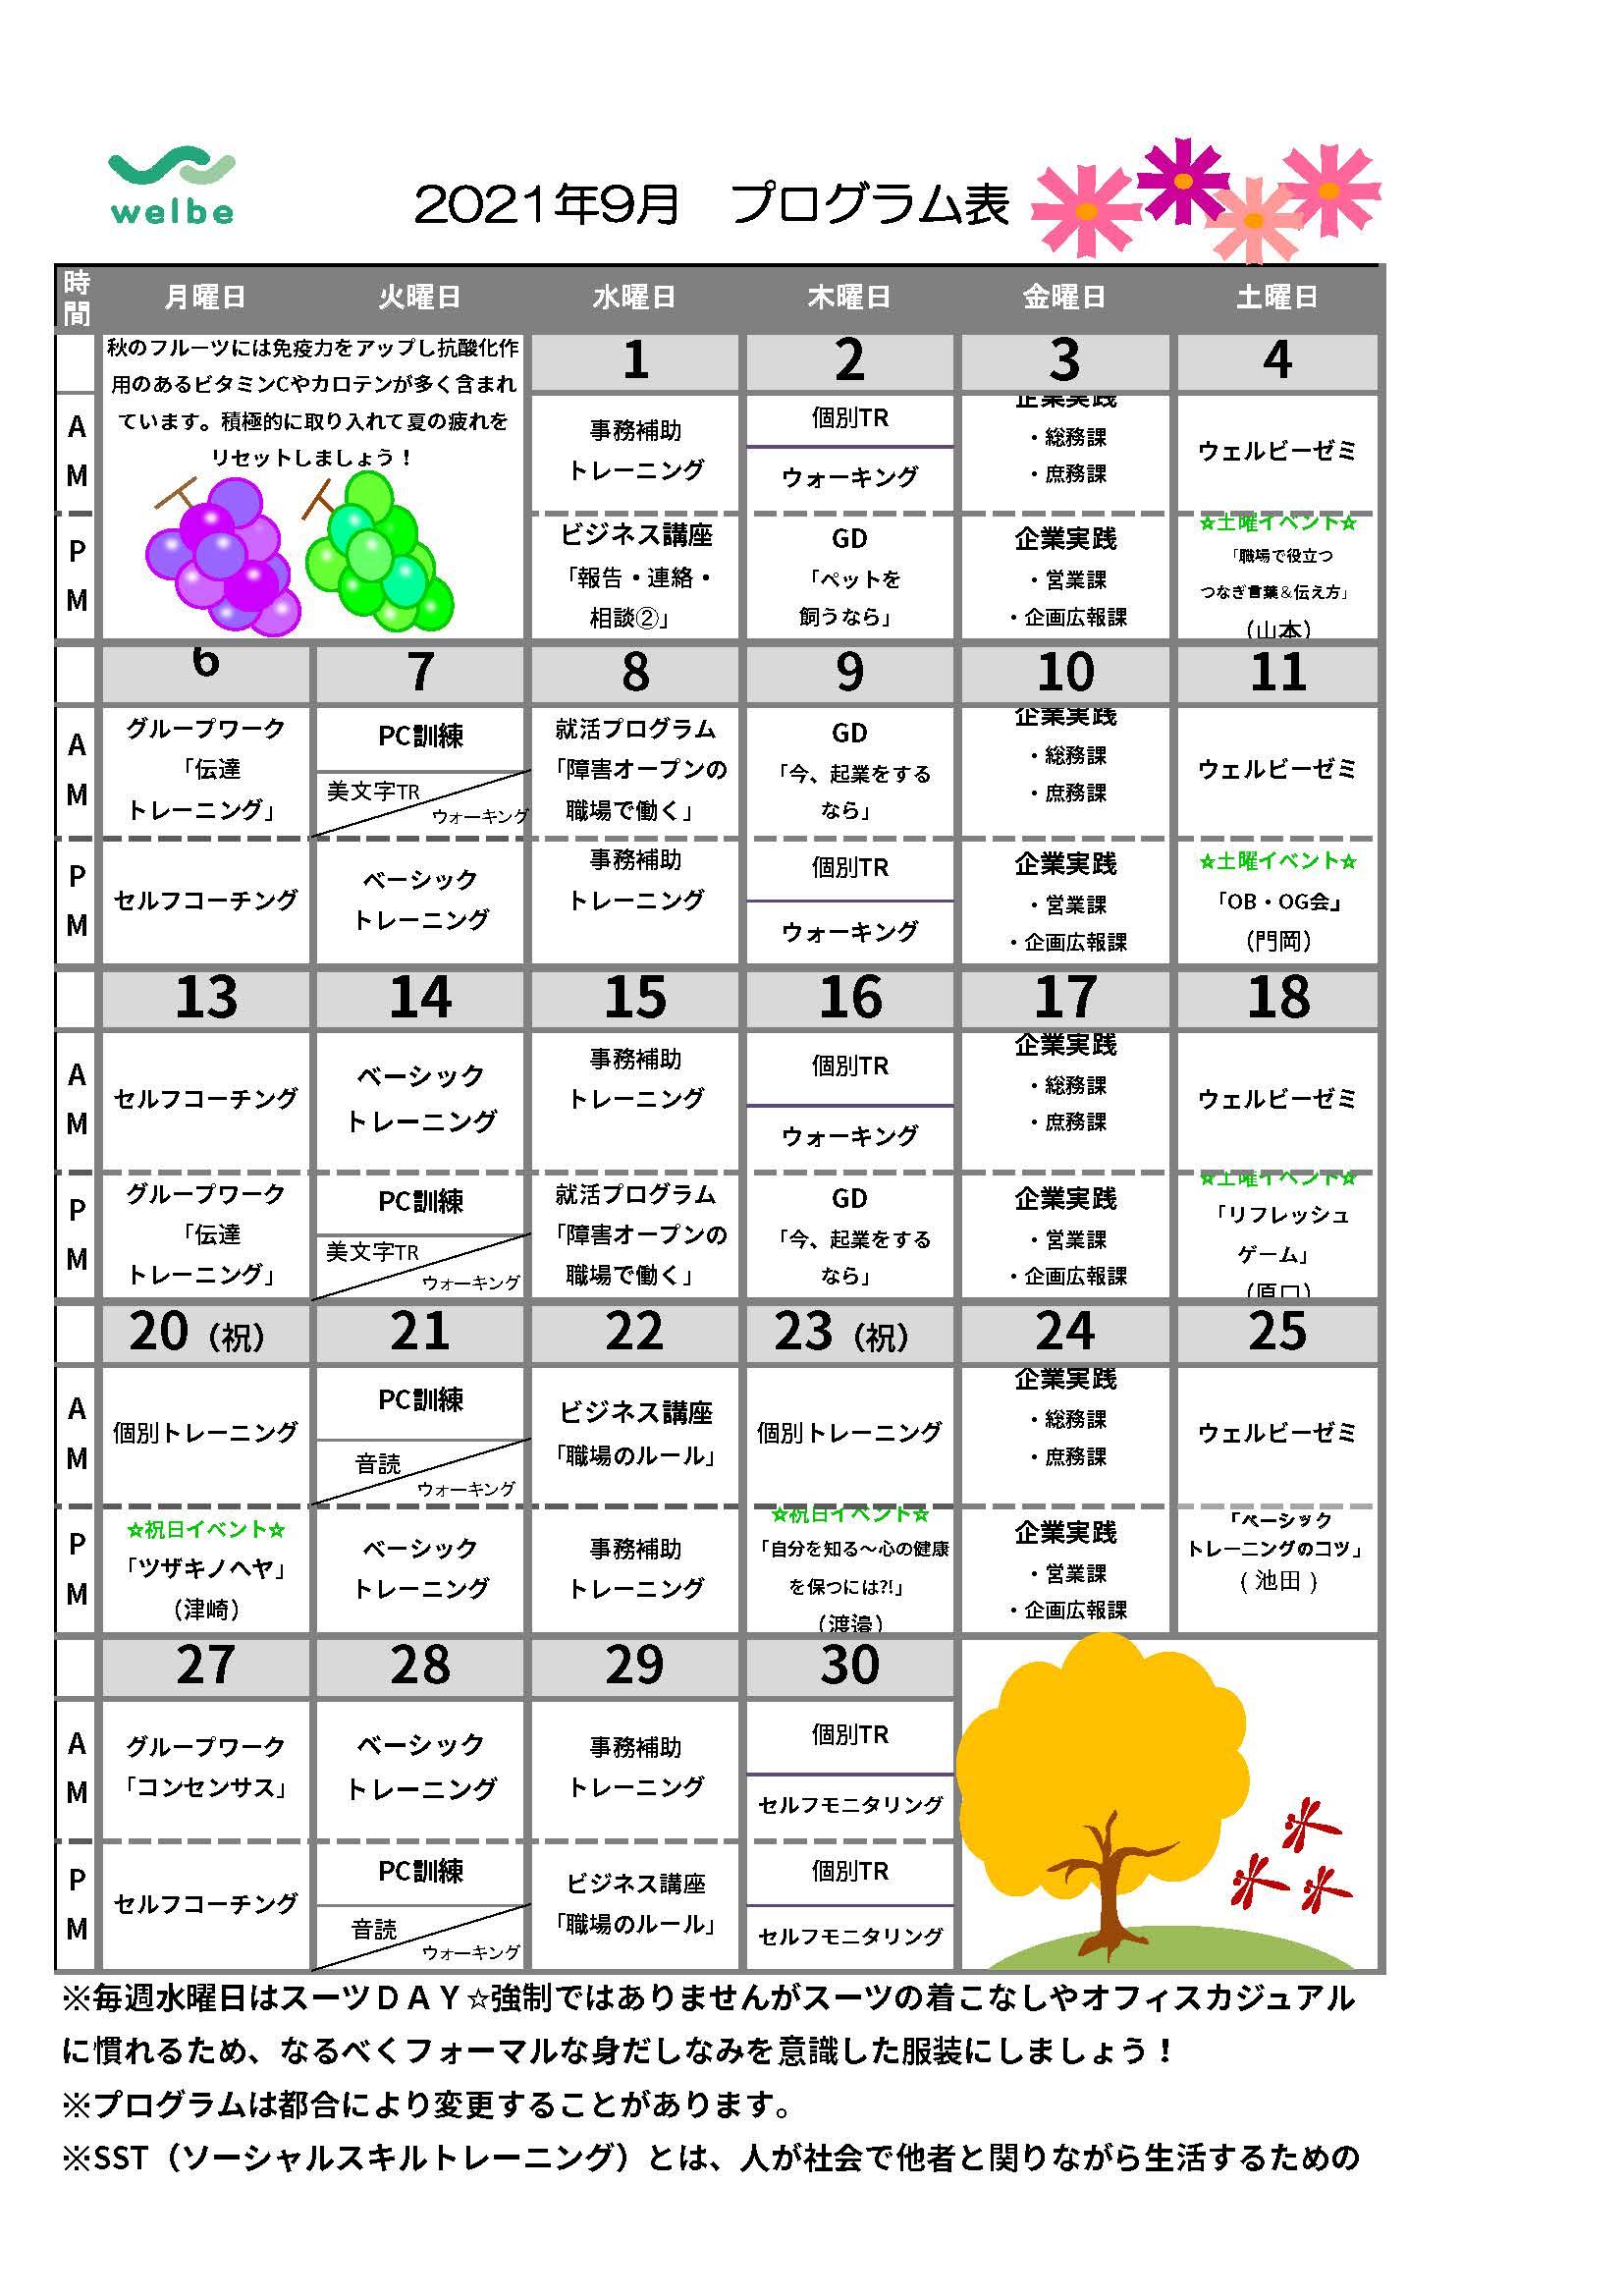 ウェルビー福岡天神北センター2021年9月プログラム表